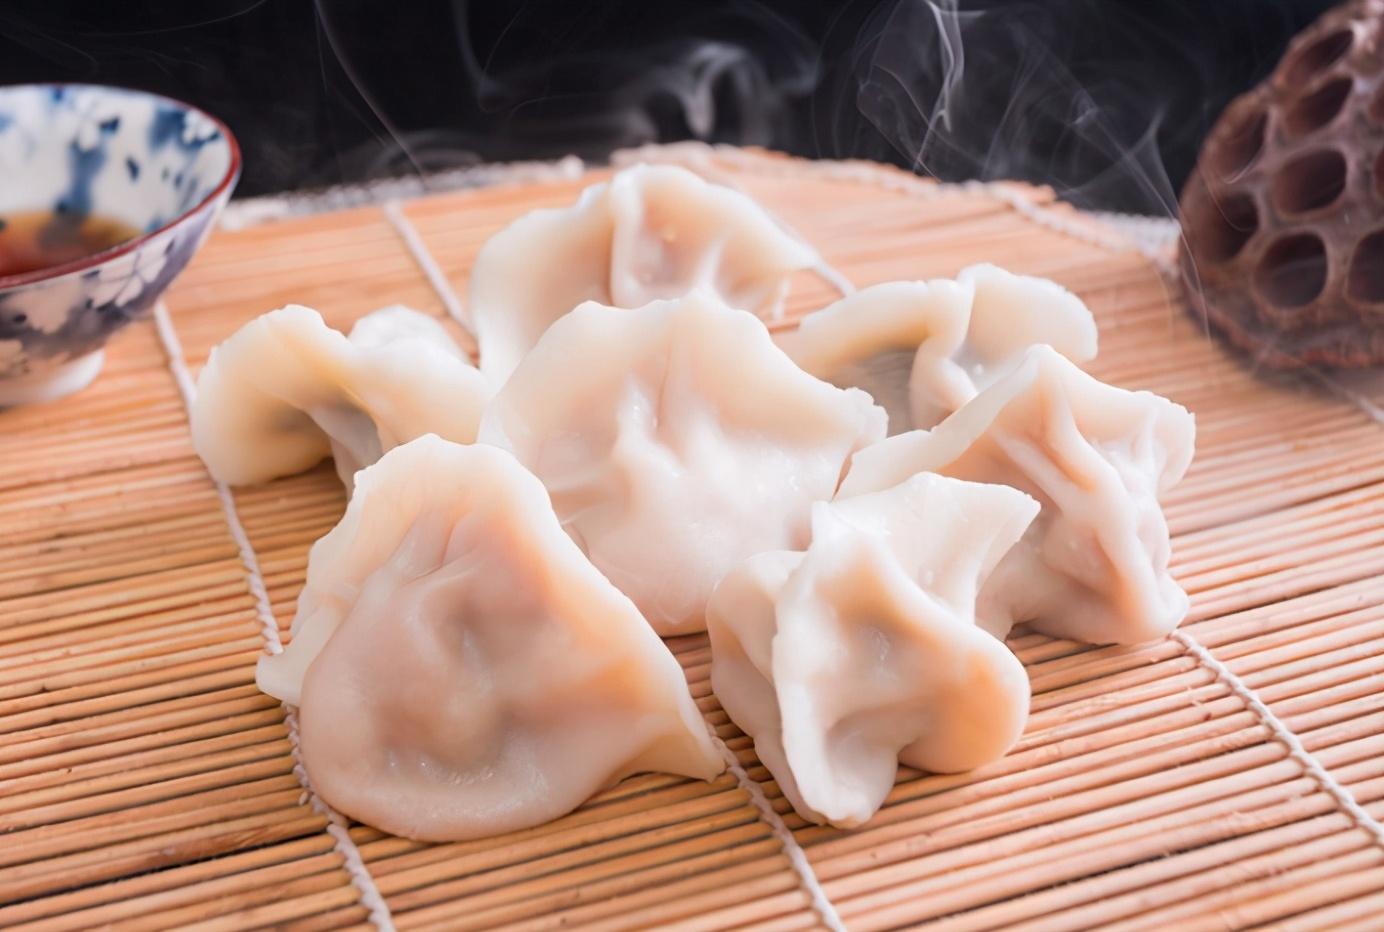 煮速冻饺子牢记2点 饺子劲道好吃不破皮